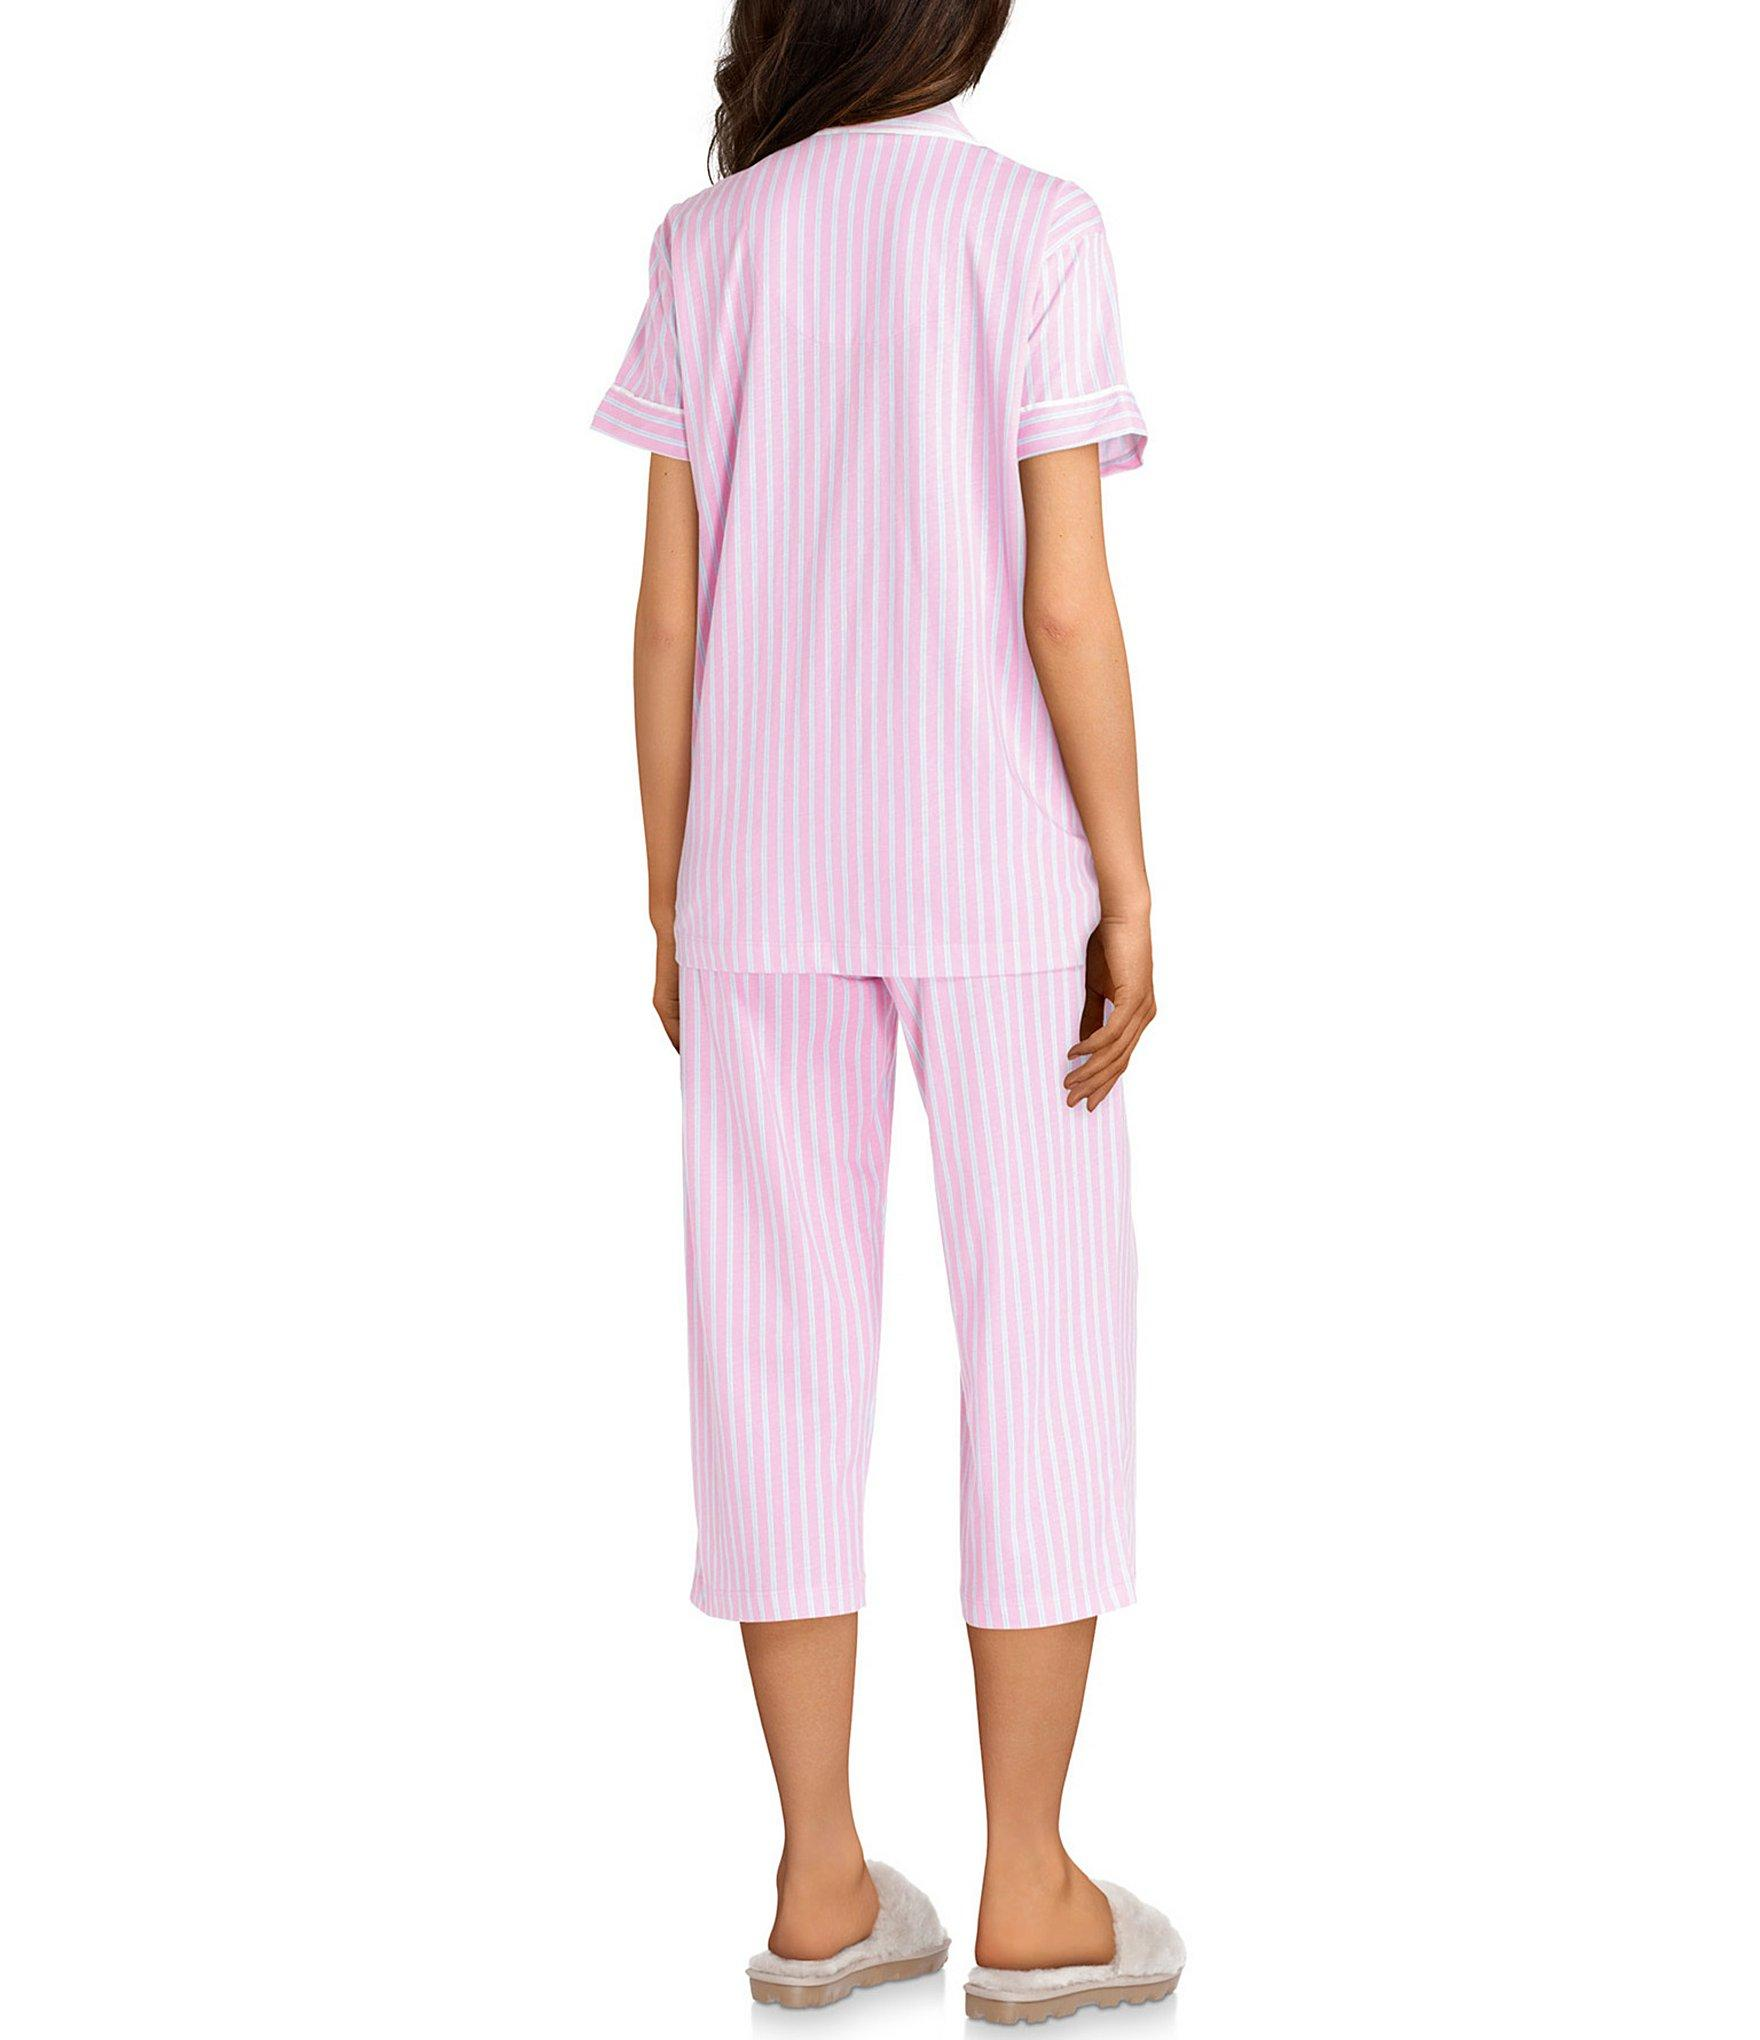 ca734c0af78 Lauren by Ralph Lauren - Pink Striped-printed Knit Capri Pajama Set - Lyst.  View fullscreen